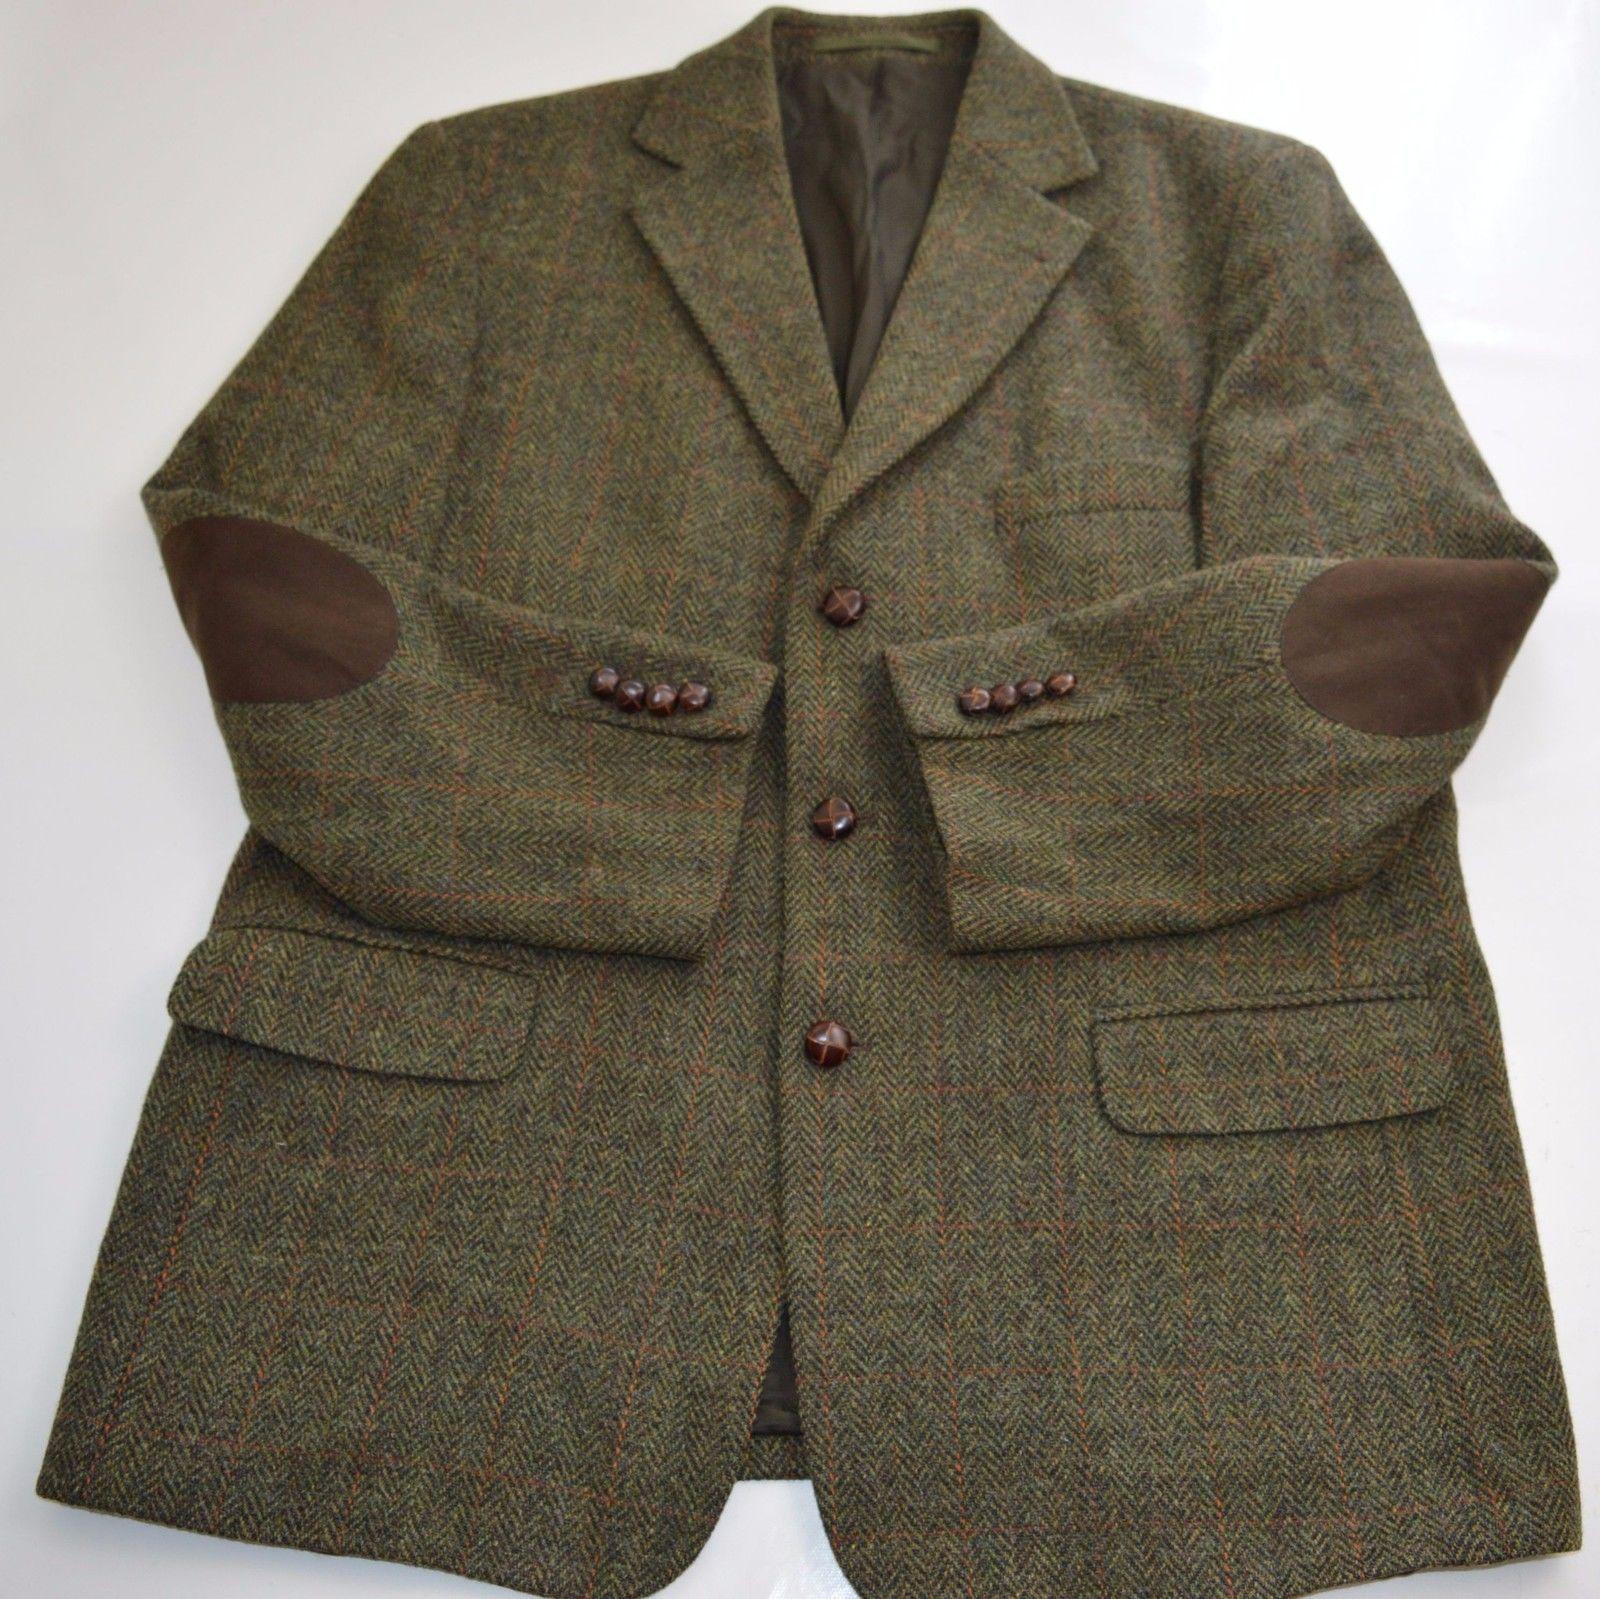 Mens Vintage Westbury Harris Tweed Blazer Jacket Size 44 46 Xl Ht02031551 Ebay Vintage Men Tweed Blazer Tweed